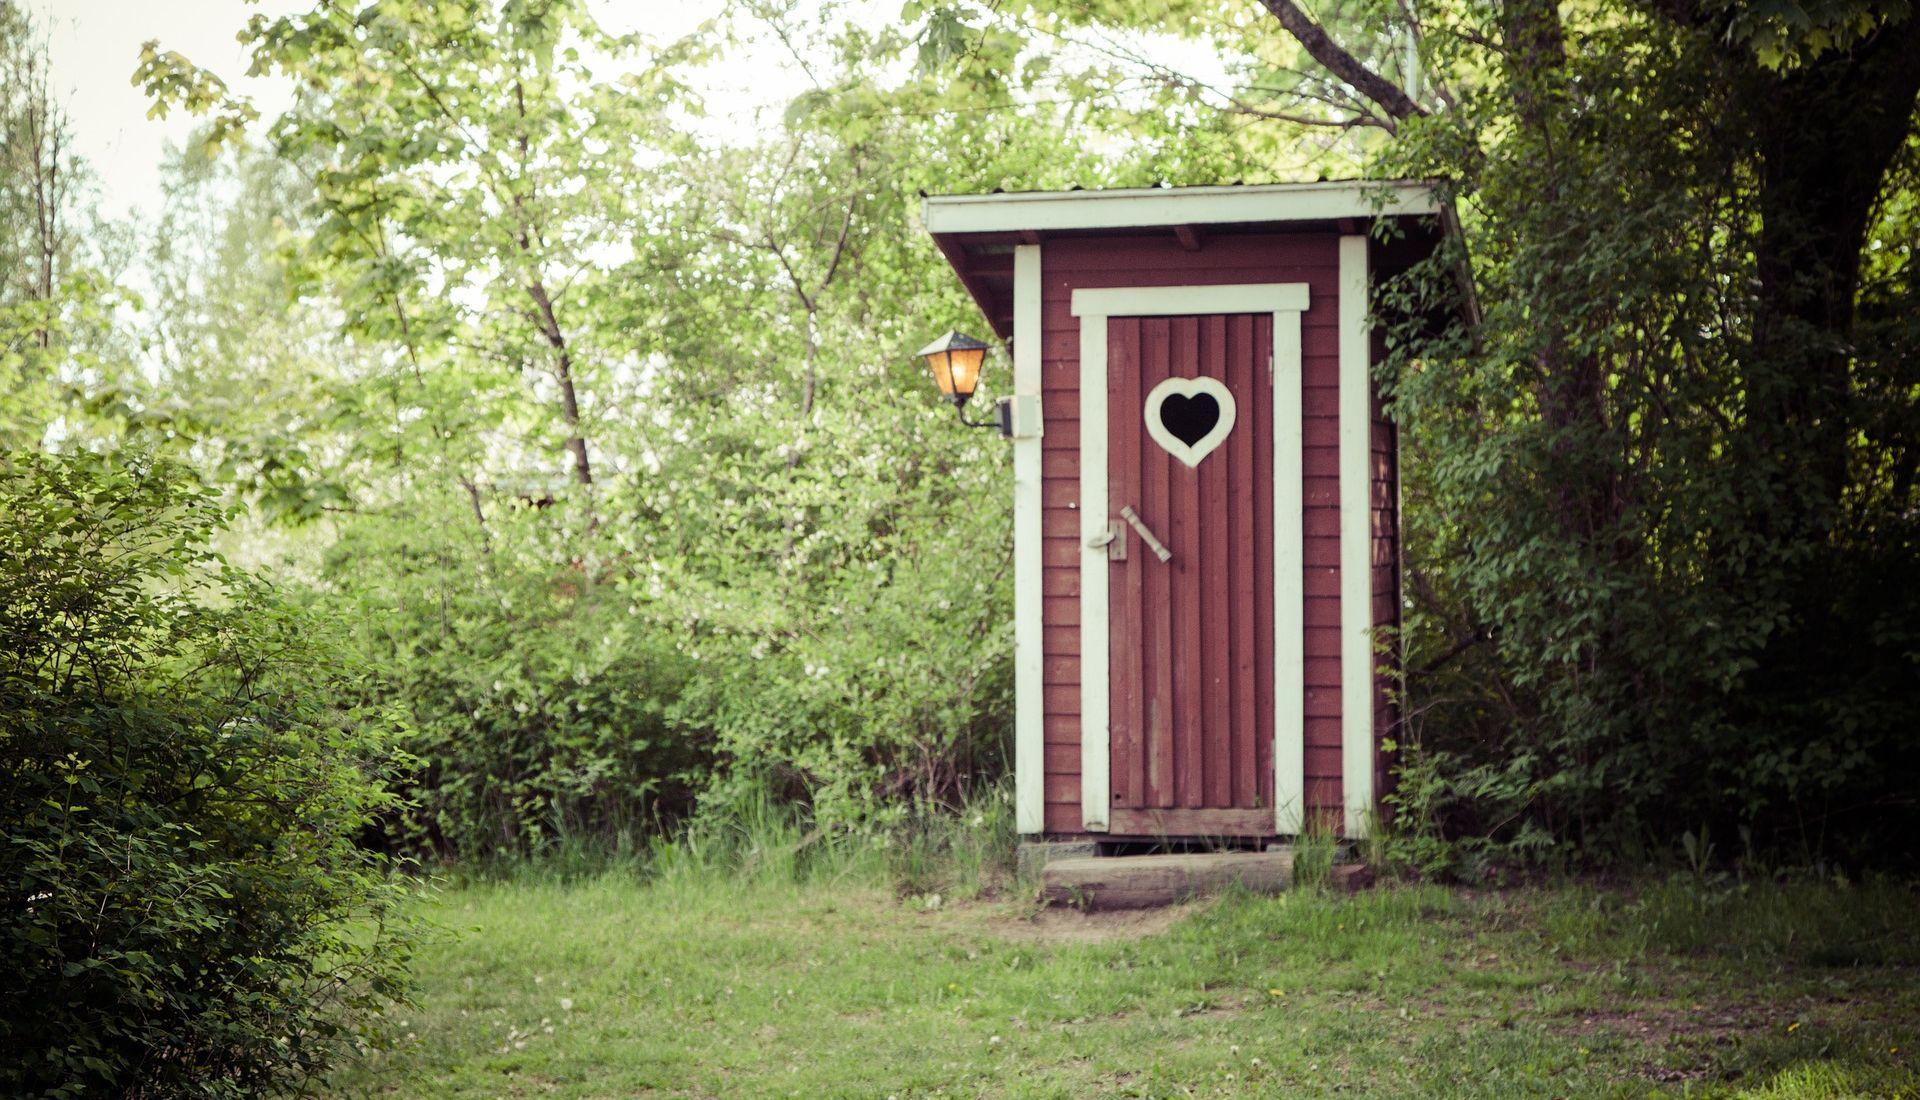 Table ronde : Les toilettes sèches ont-elles un avenir ?